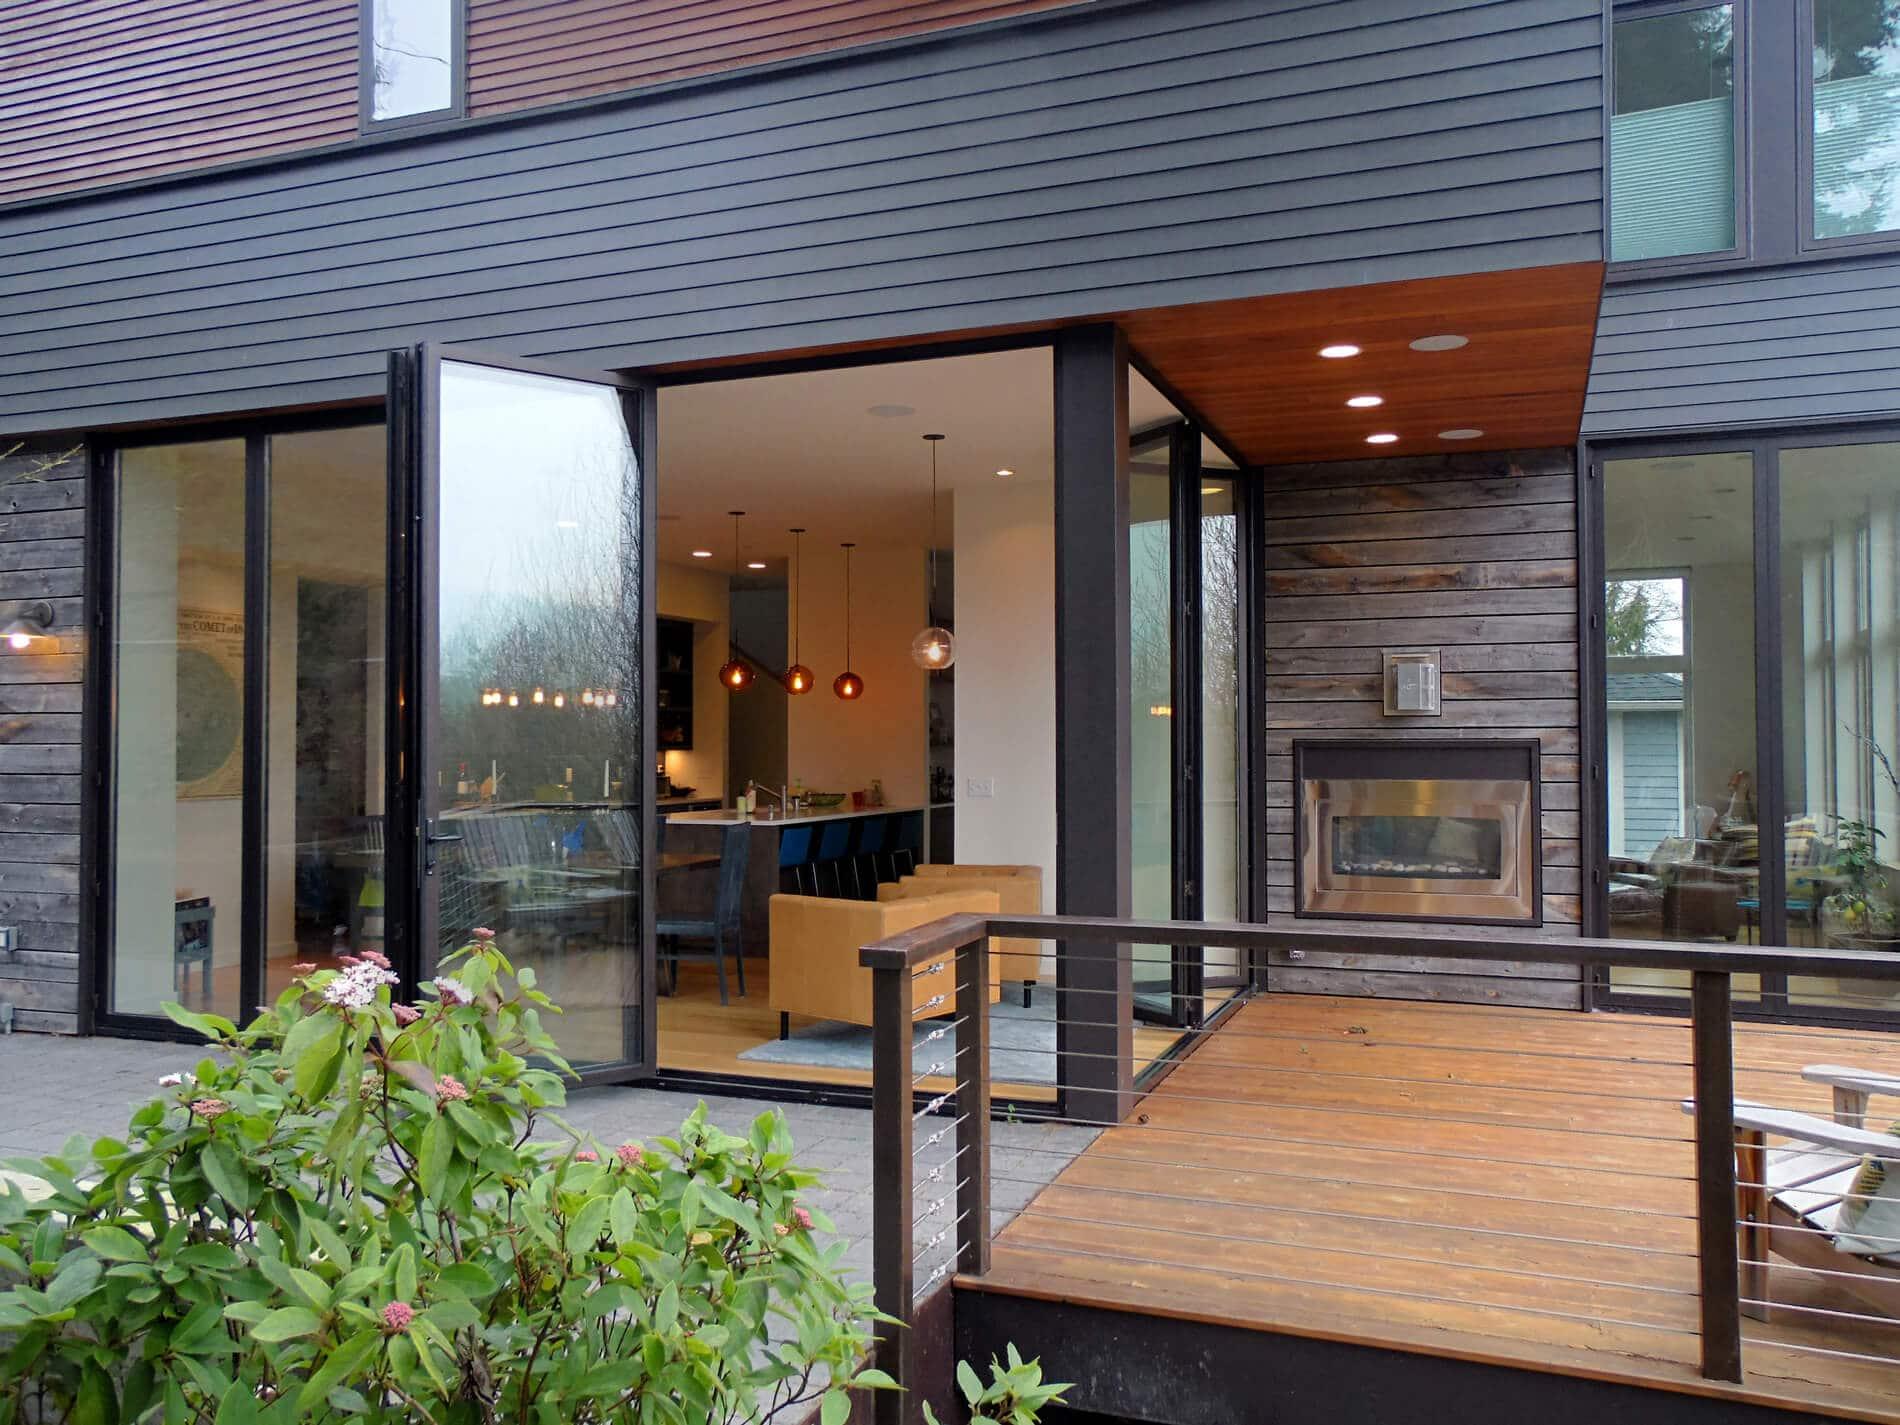 Einfamilienhaus mit Aluminium Faltwandsystem von Sunflex